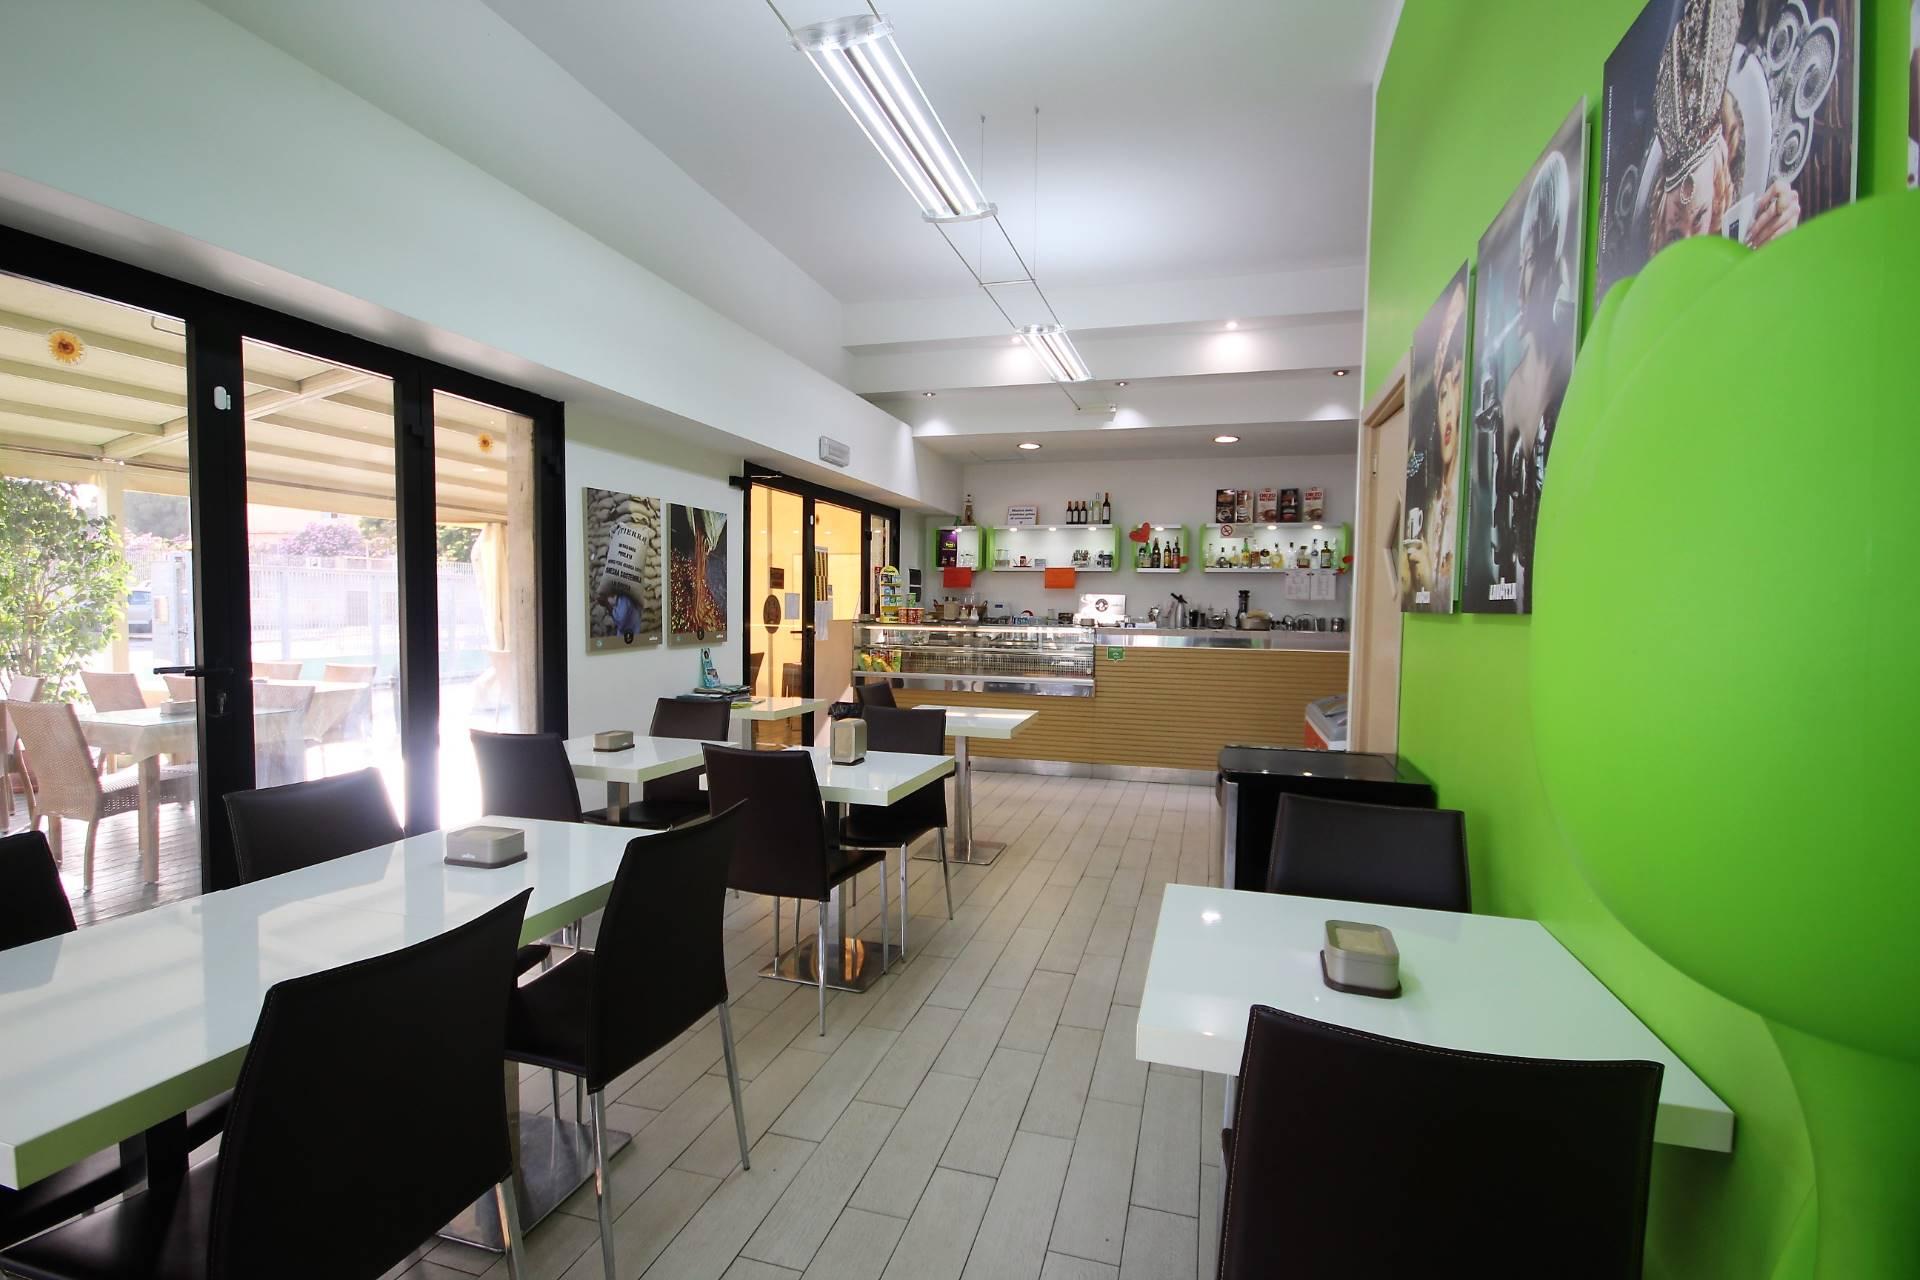 Attività / Licenza in affitto a Cagliari, 9999 locali, prezzo € 2.500   CambioCasa.it